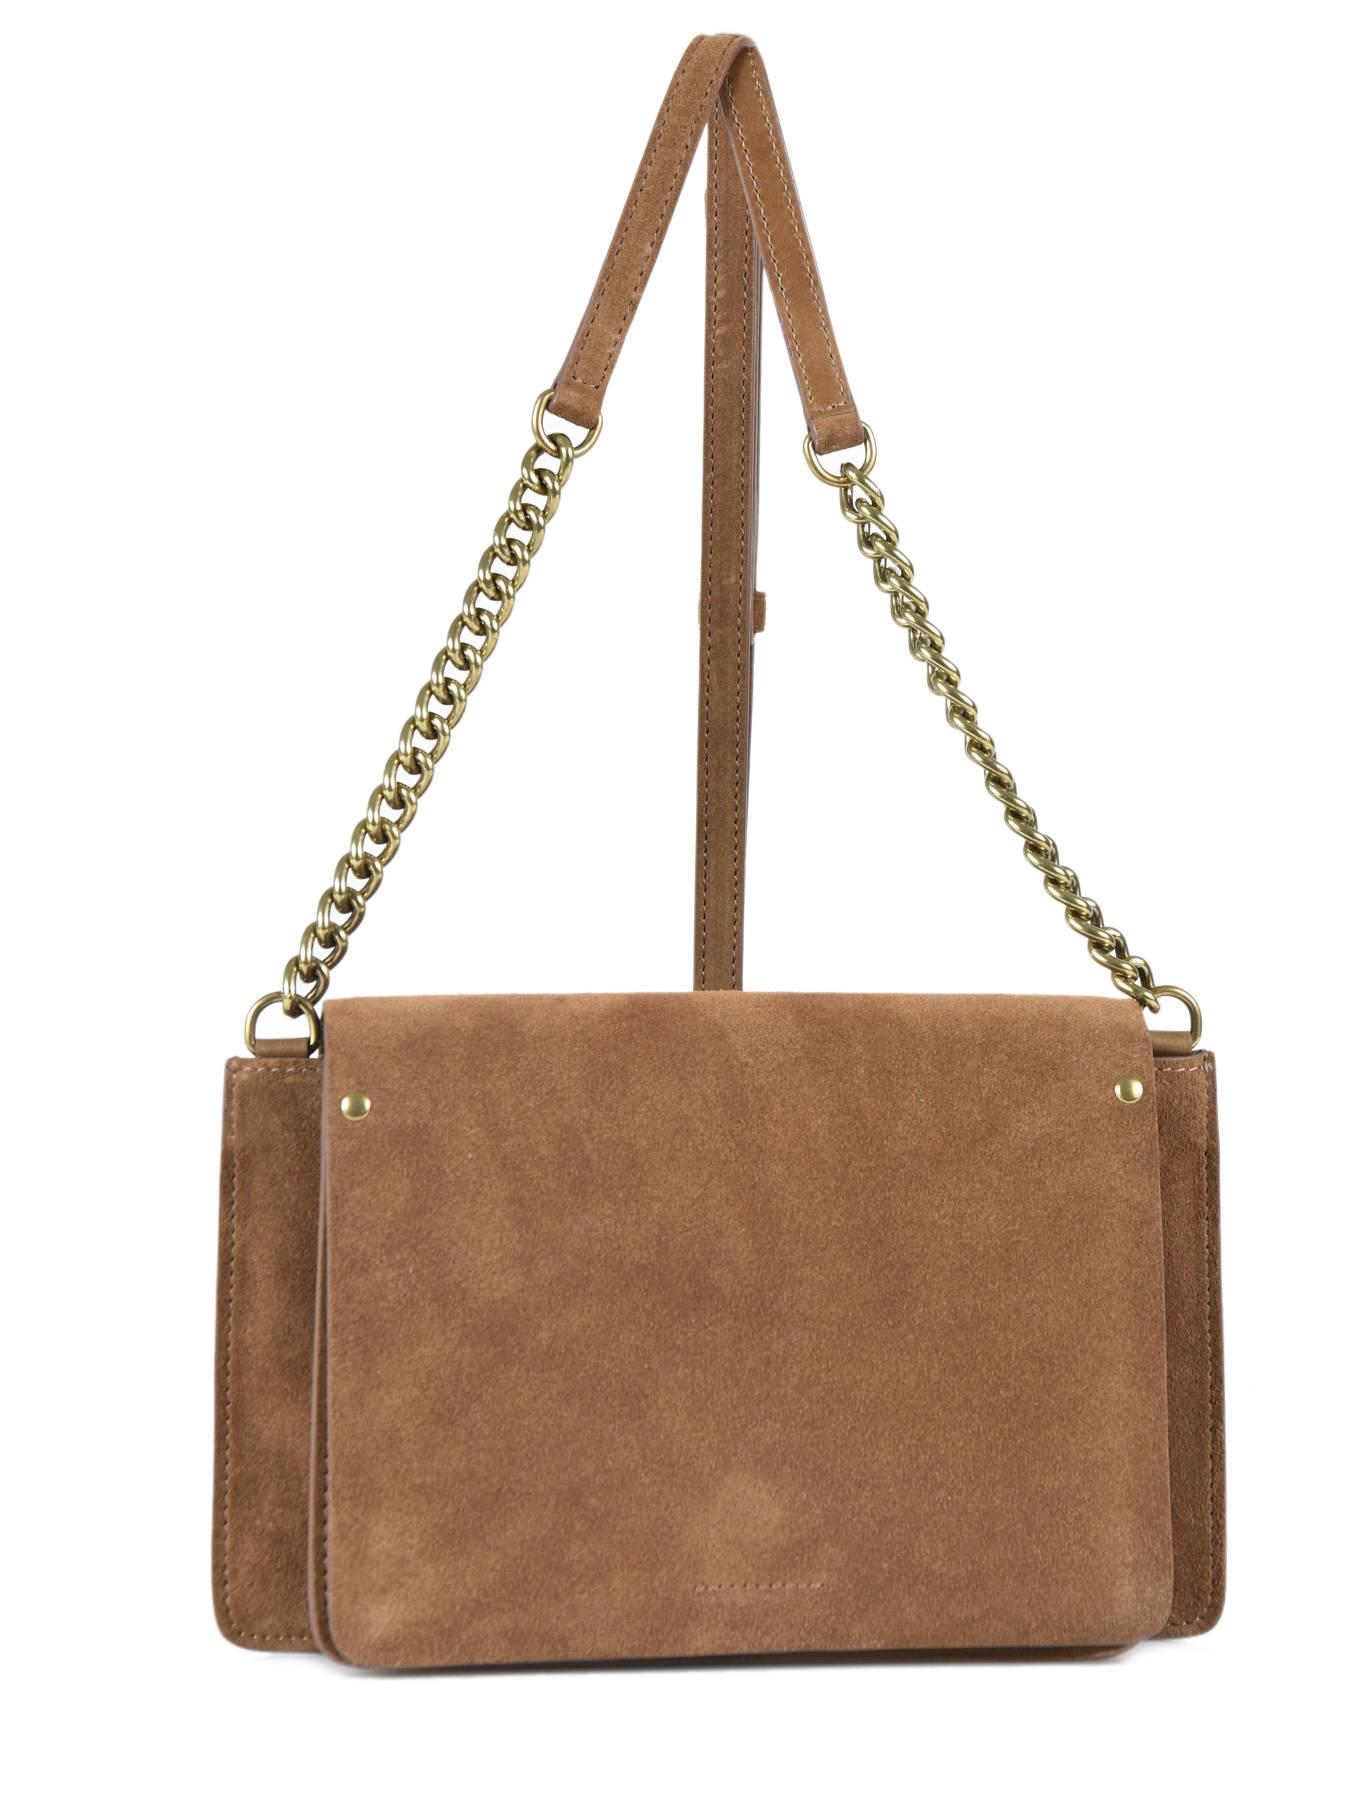 Crossbody Bag Folk Leather Gerard Darel Black Dhs20407